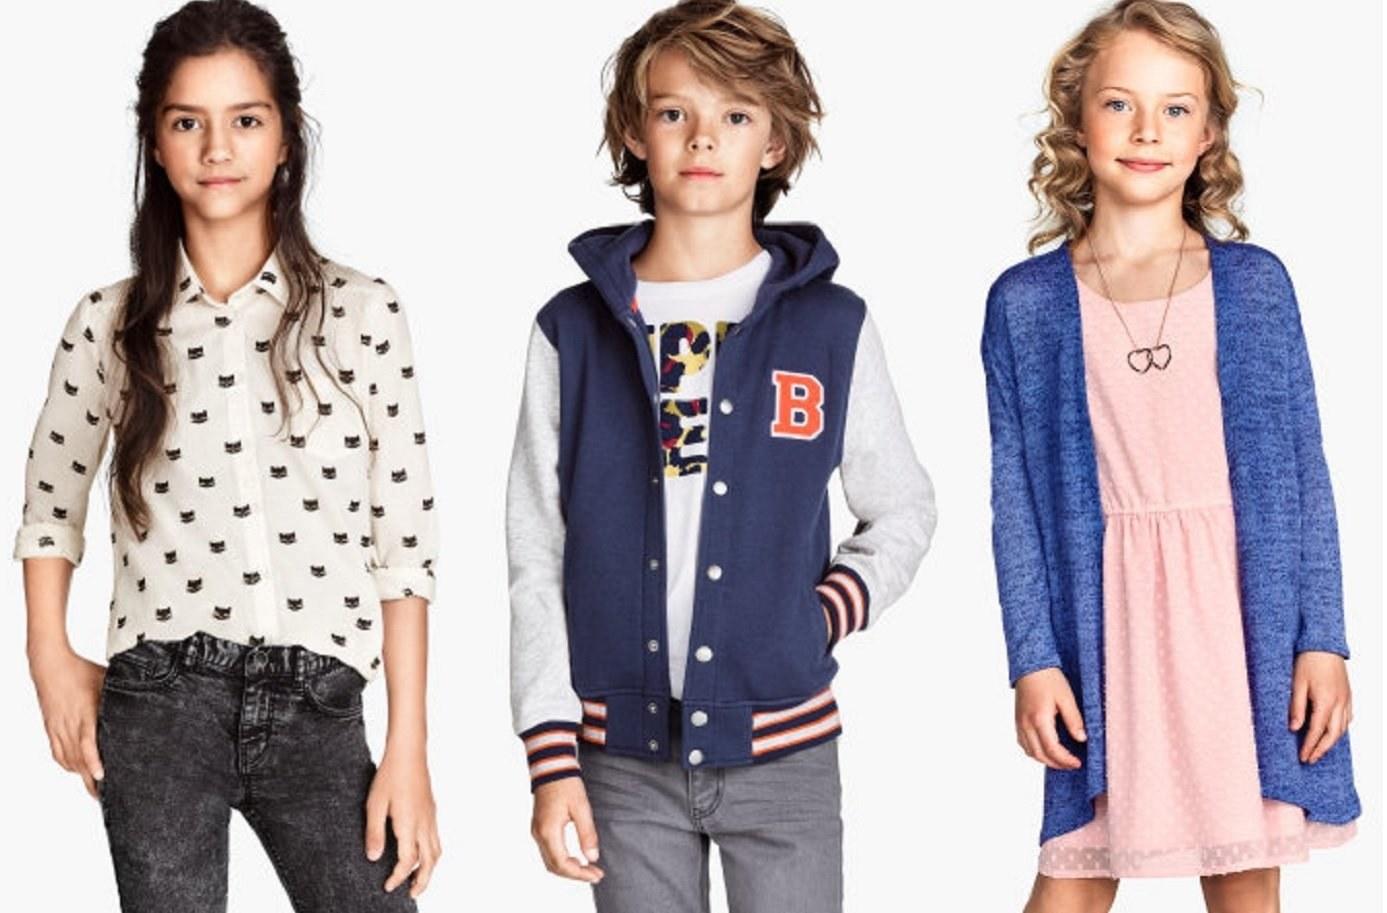 Zpátky do školy: Oblečte děti stylově a prakticky!